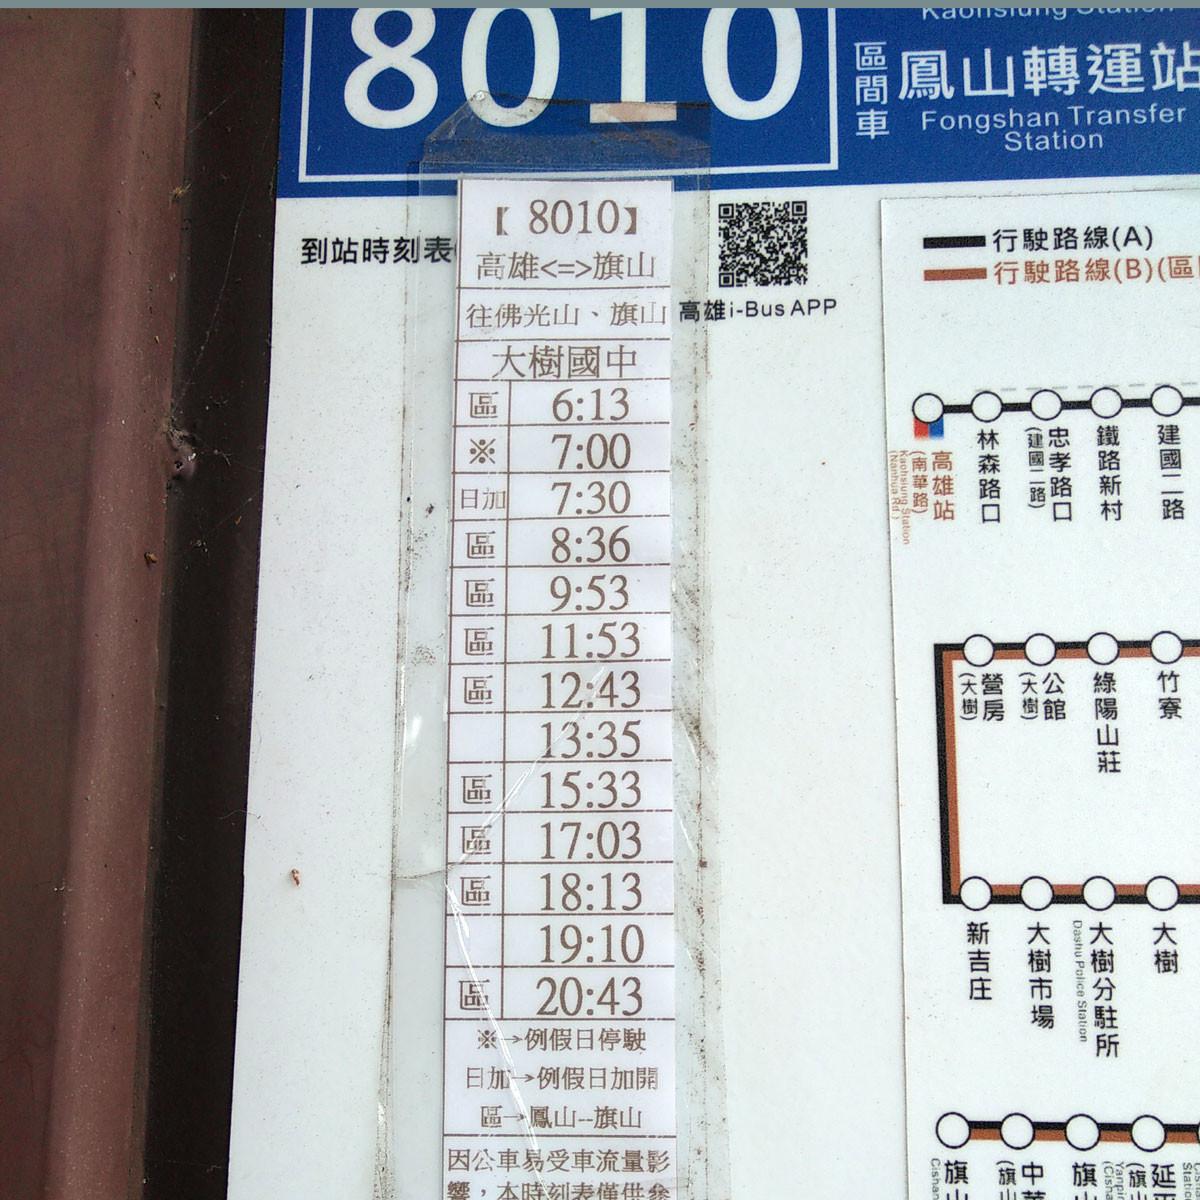 時刻表:九曲國小前にある「大樹國中」バス停8010系統